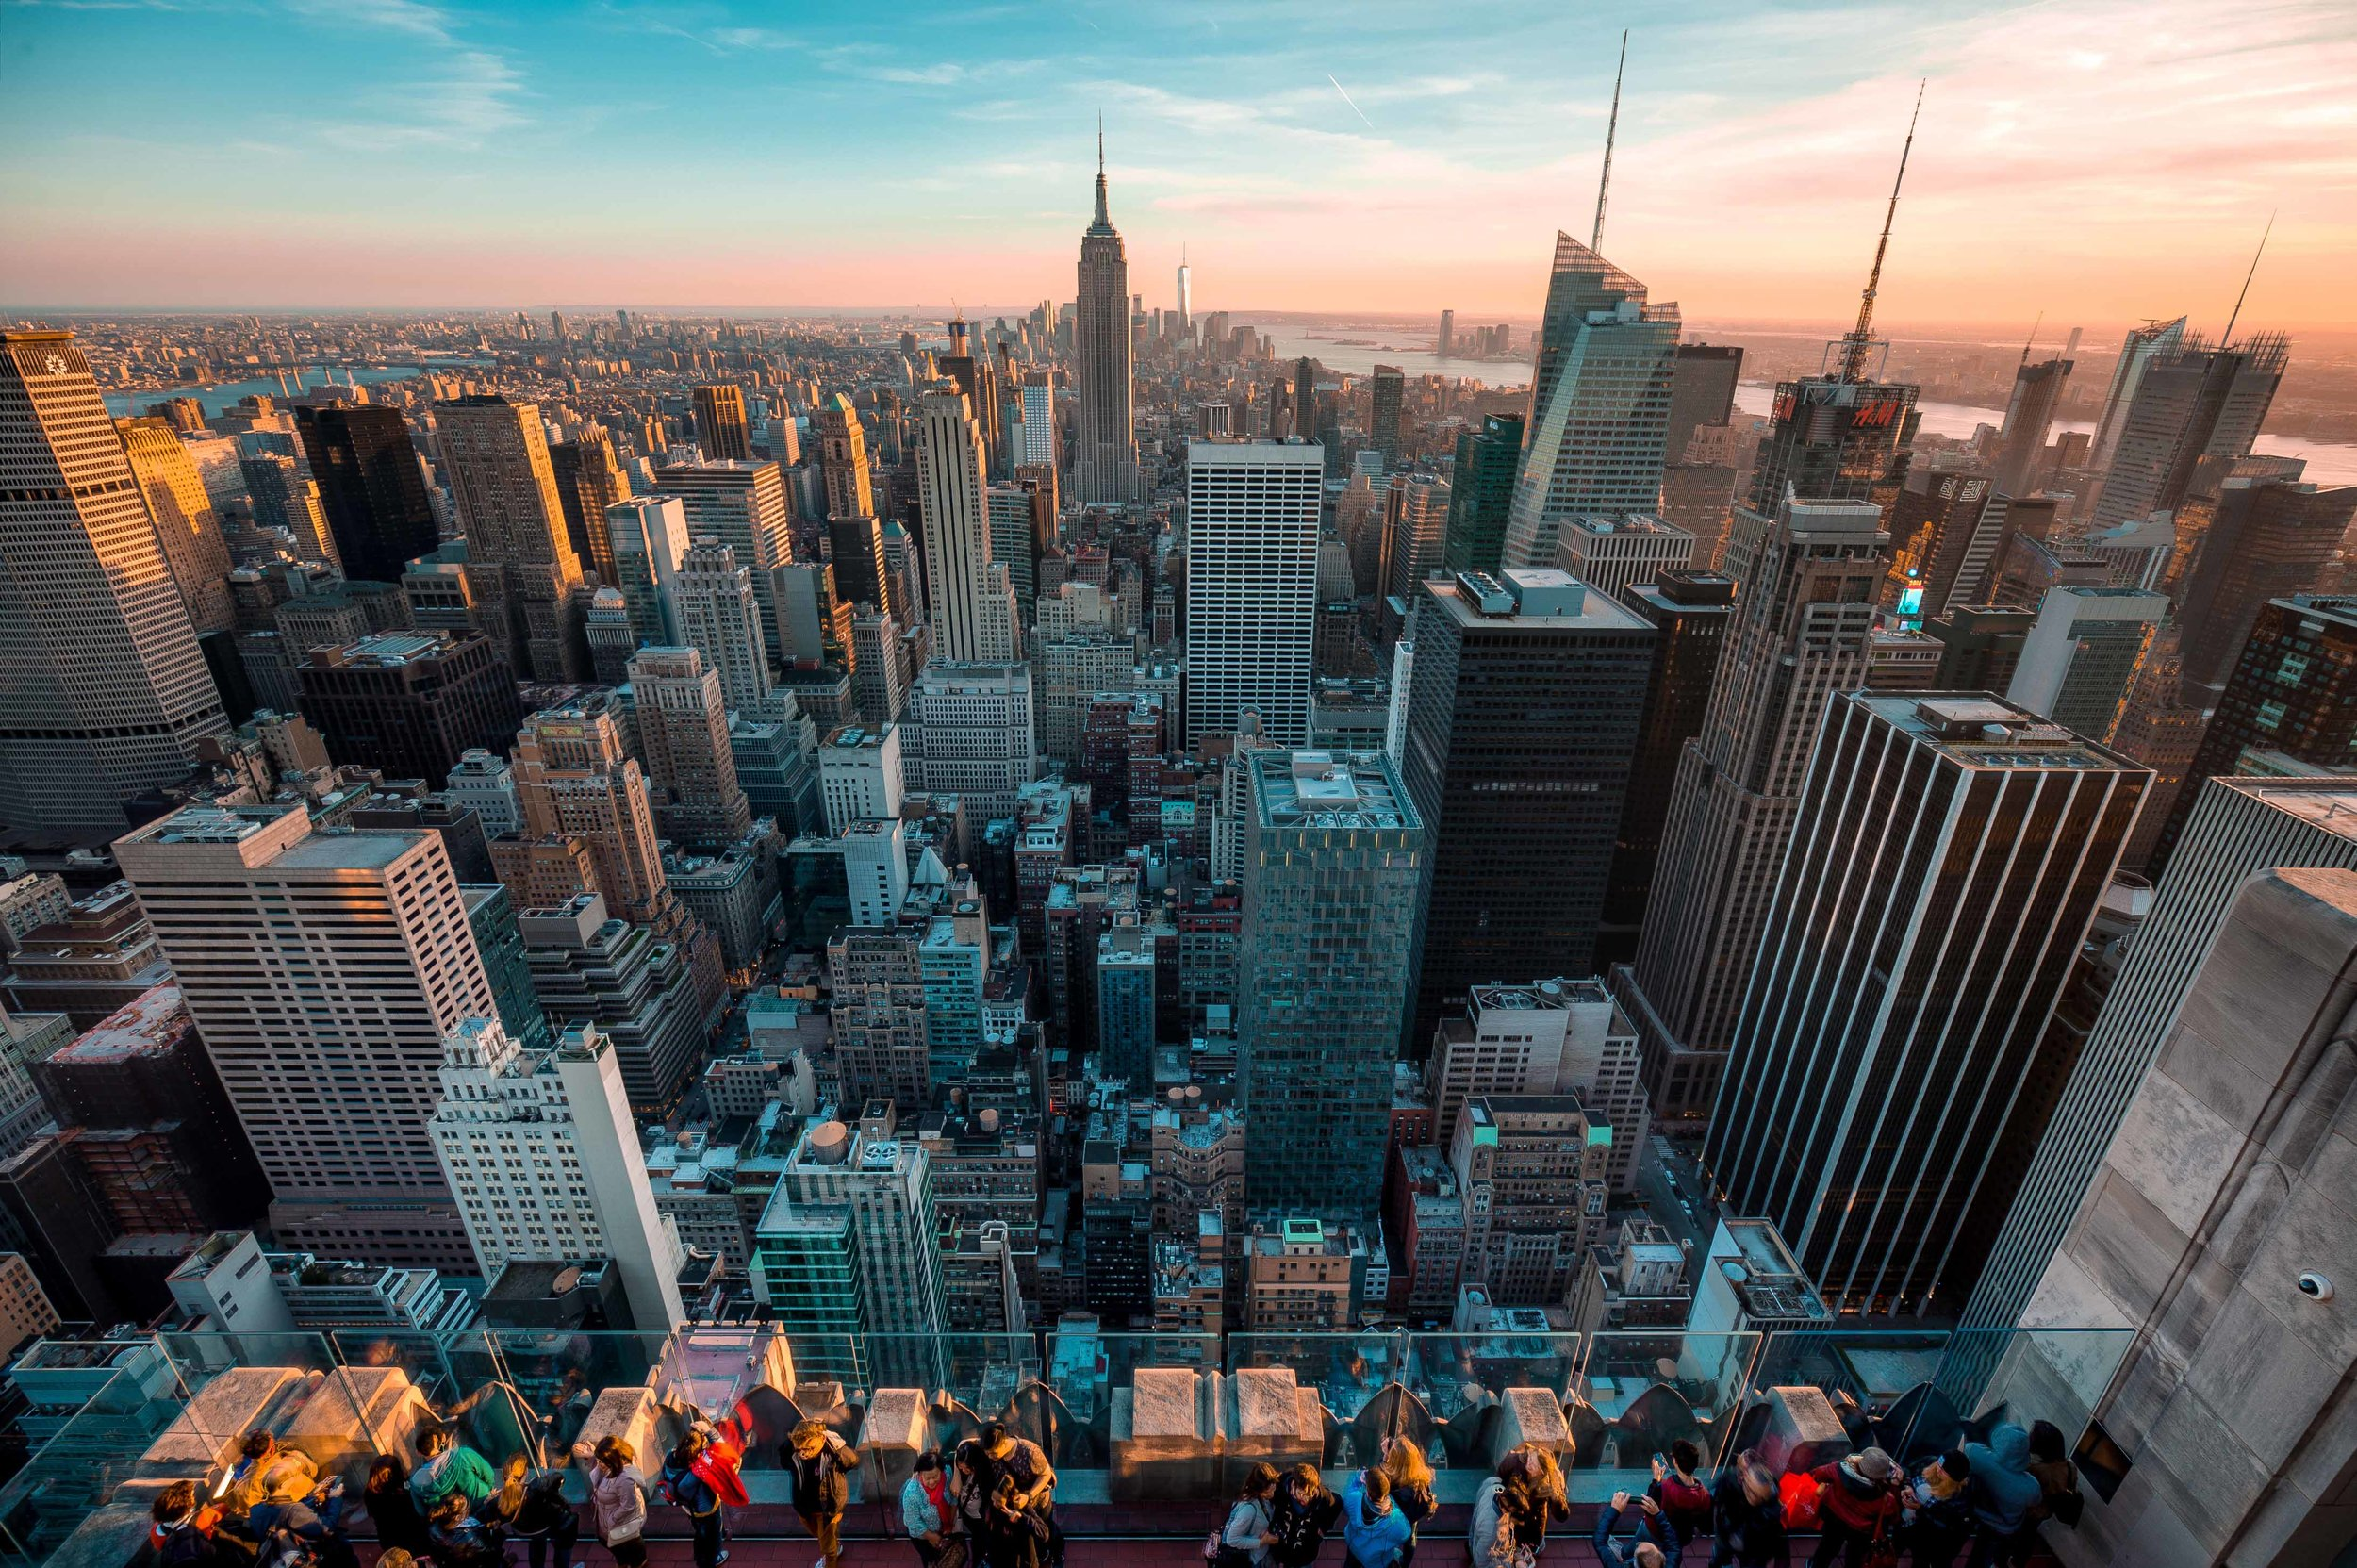 A crowd admires the midtown skyline in Manhattan - 2016